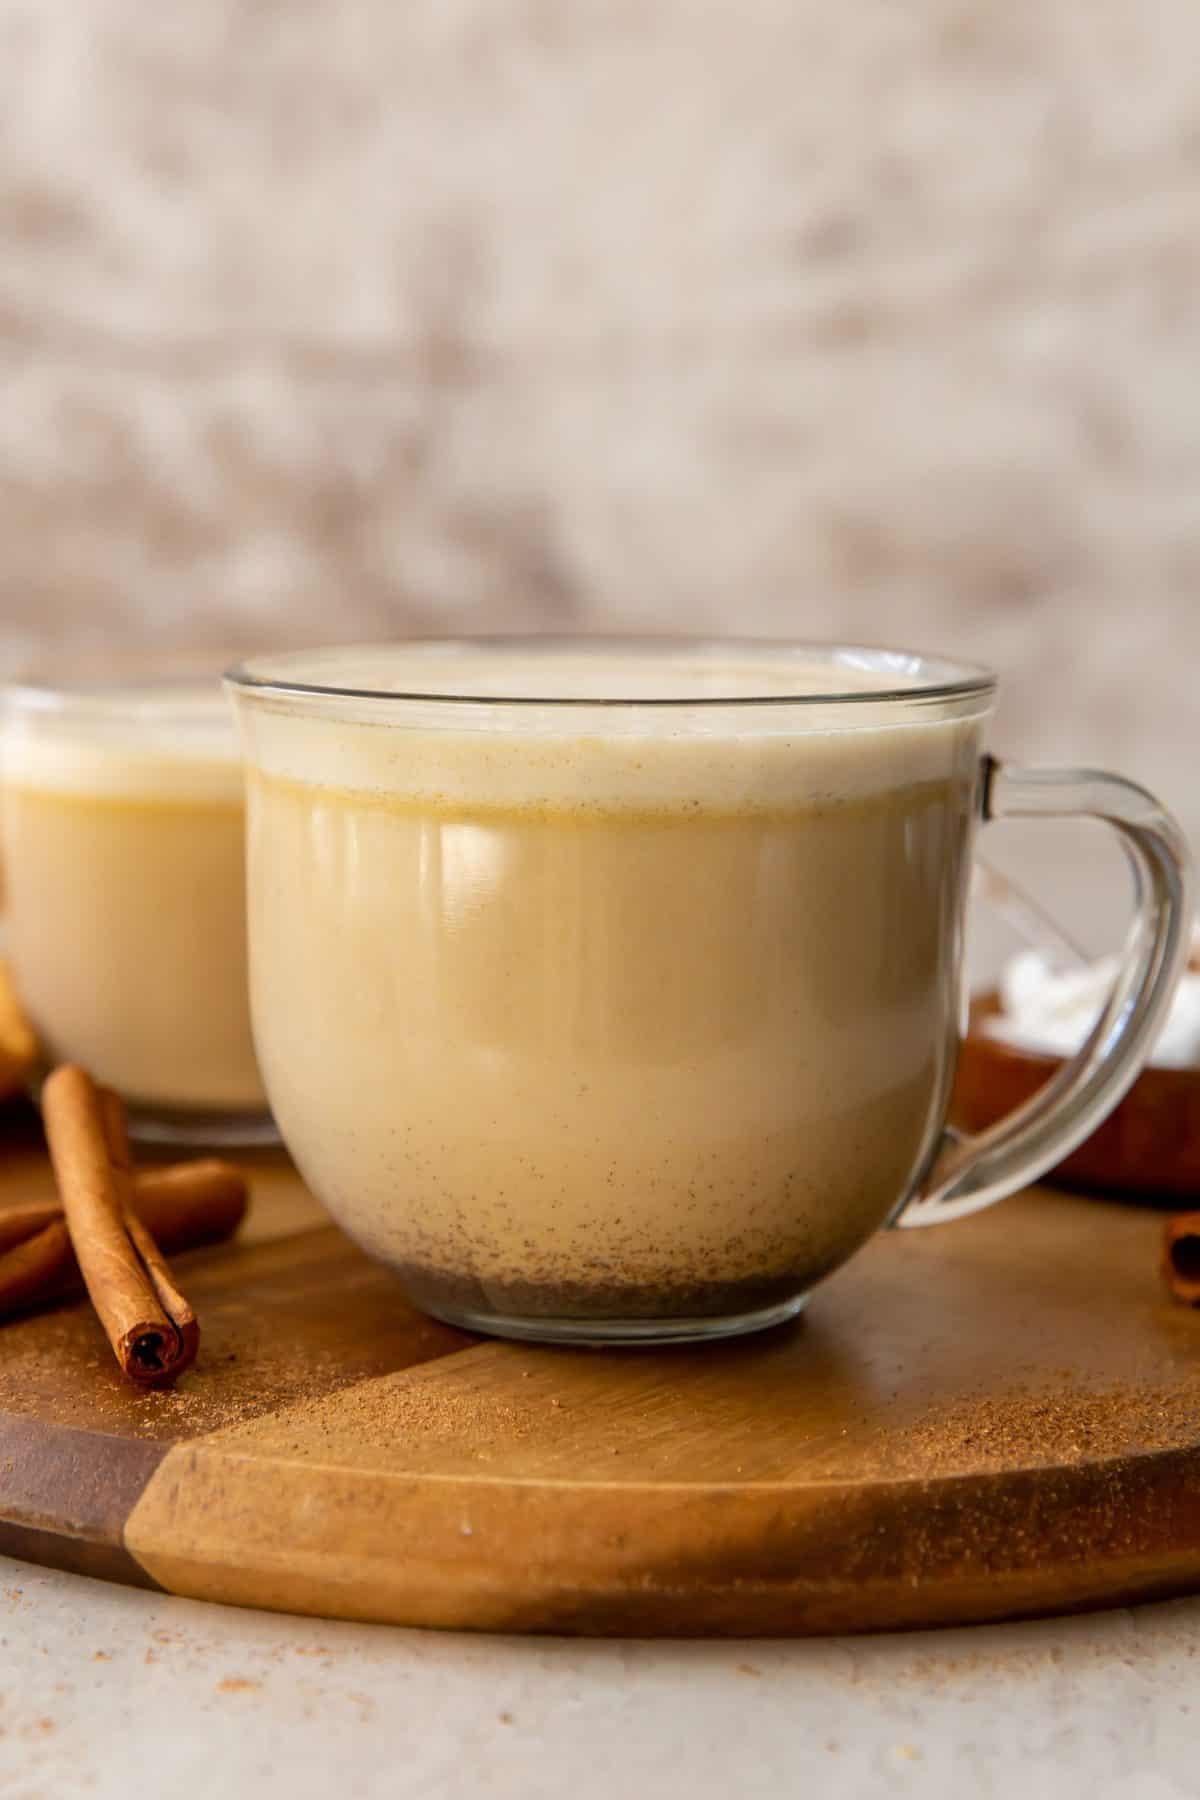 Pumpkin Spice Latte in a Clear Cup